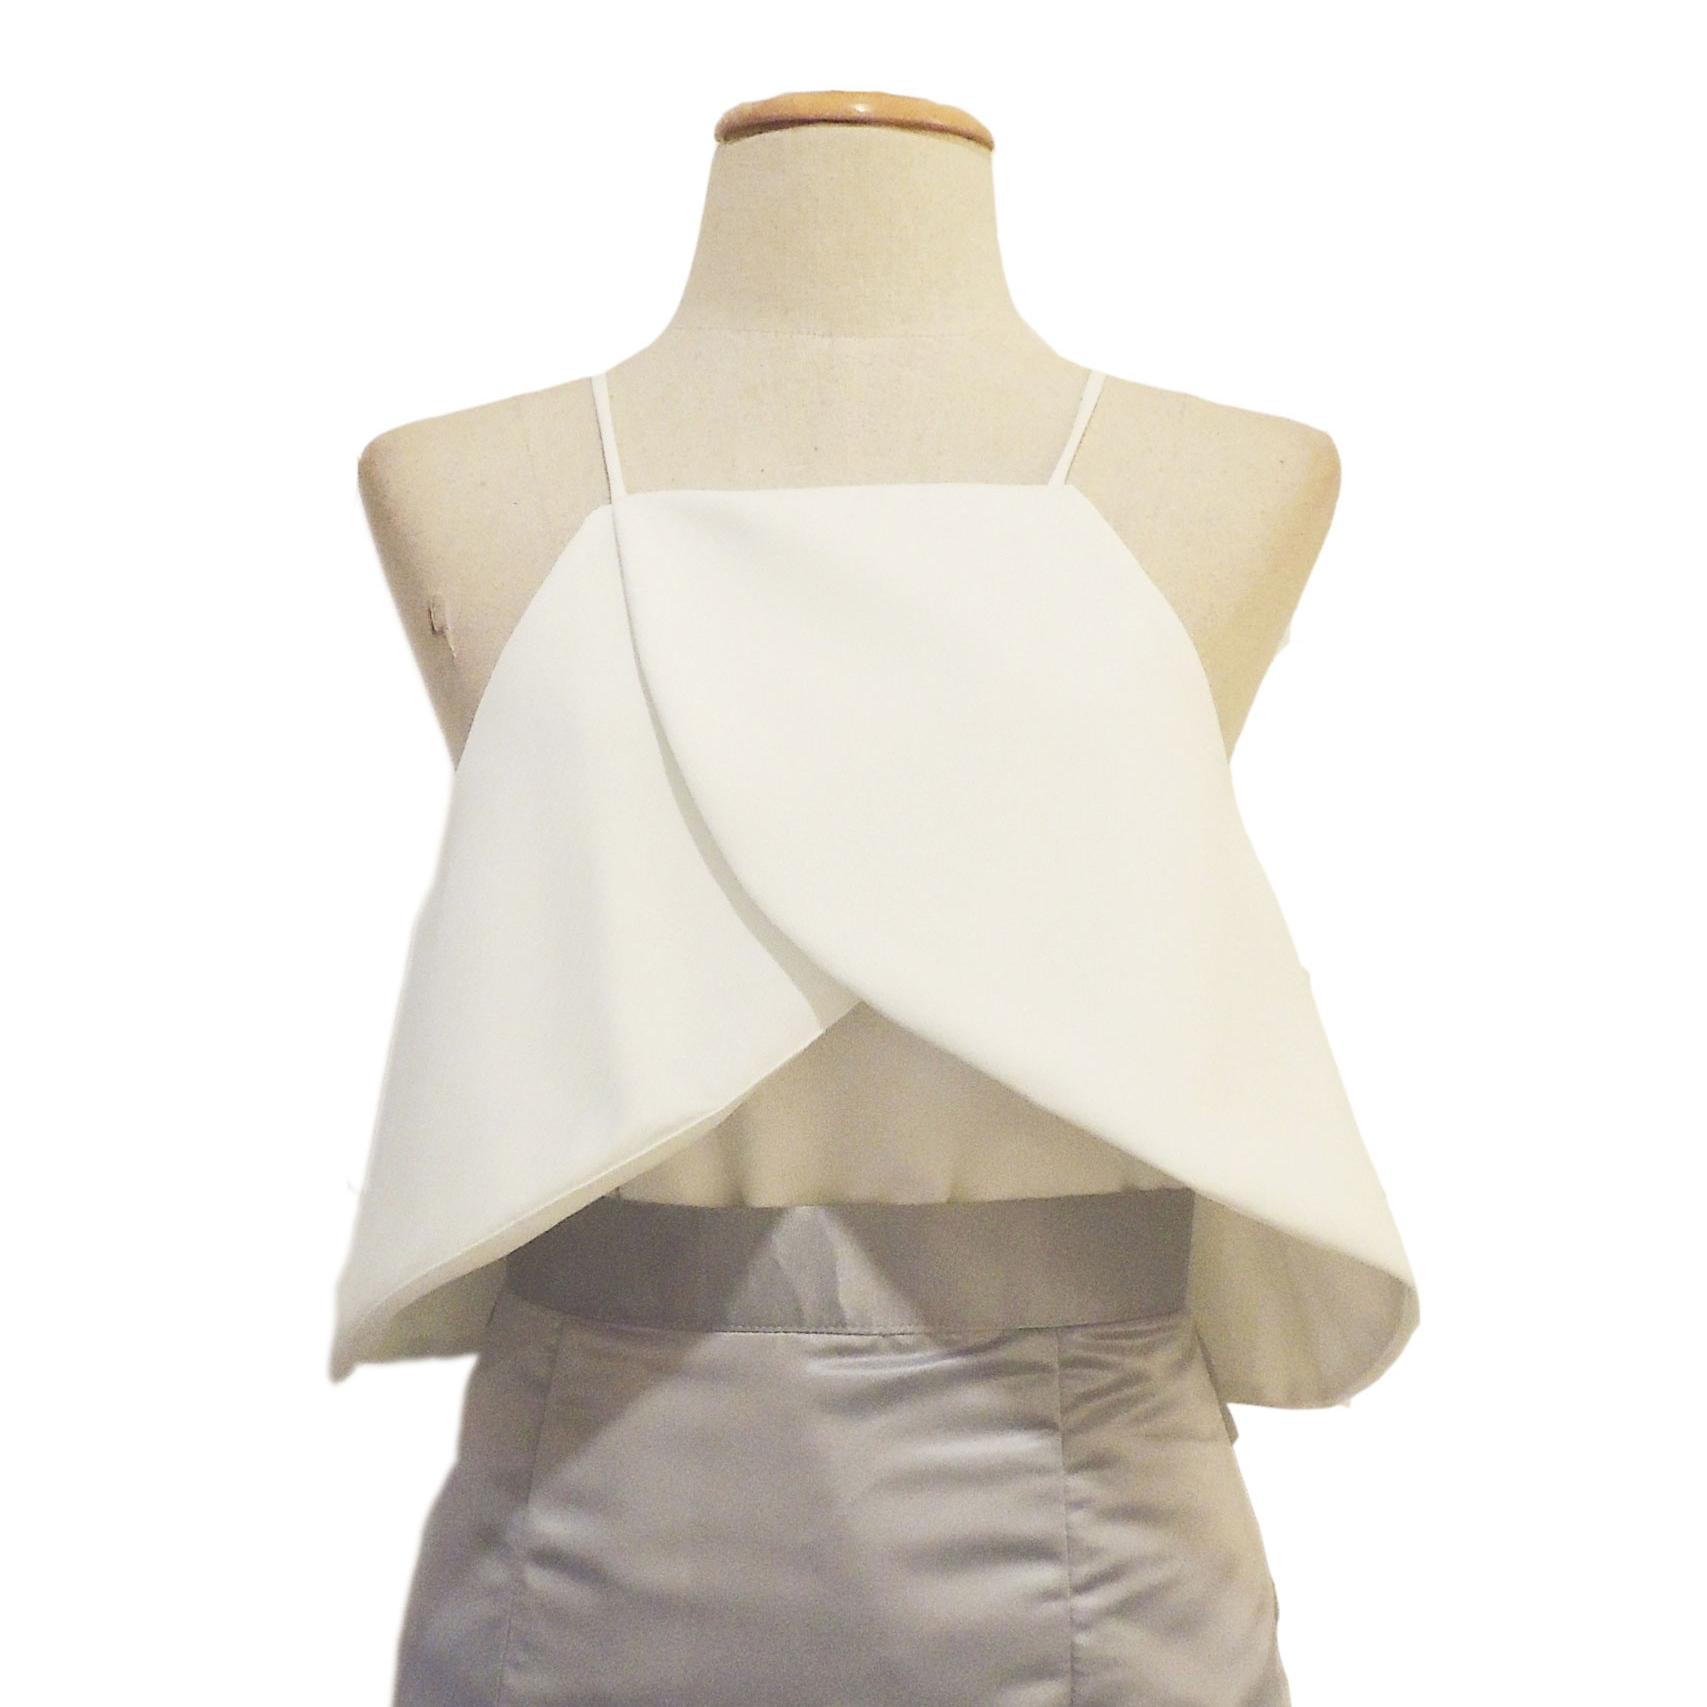 เสื้อออกงานสีขาว เปิดไหล่ คล้องแขน